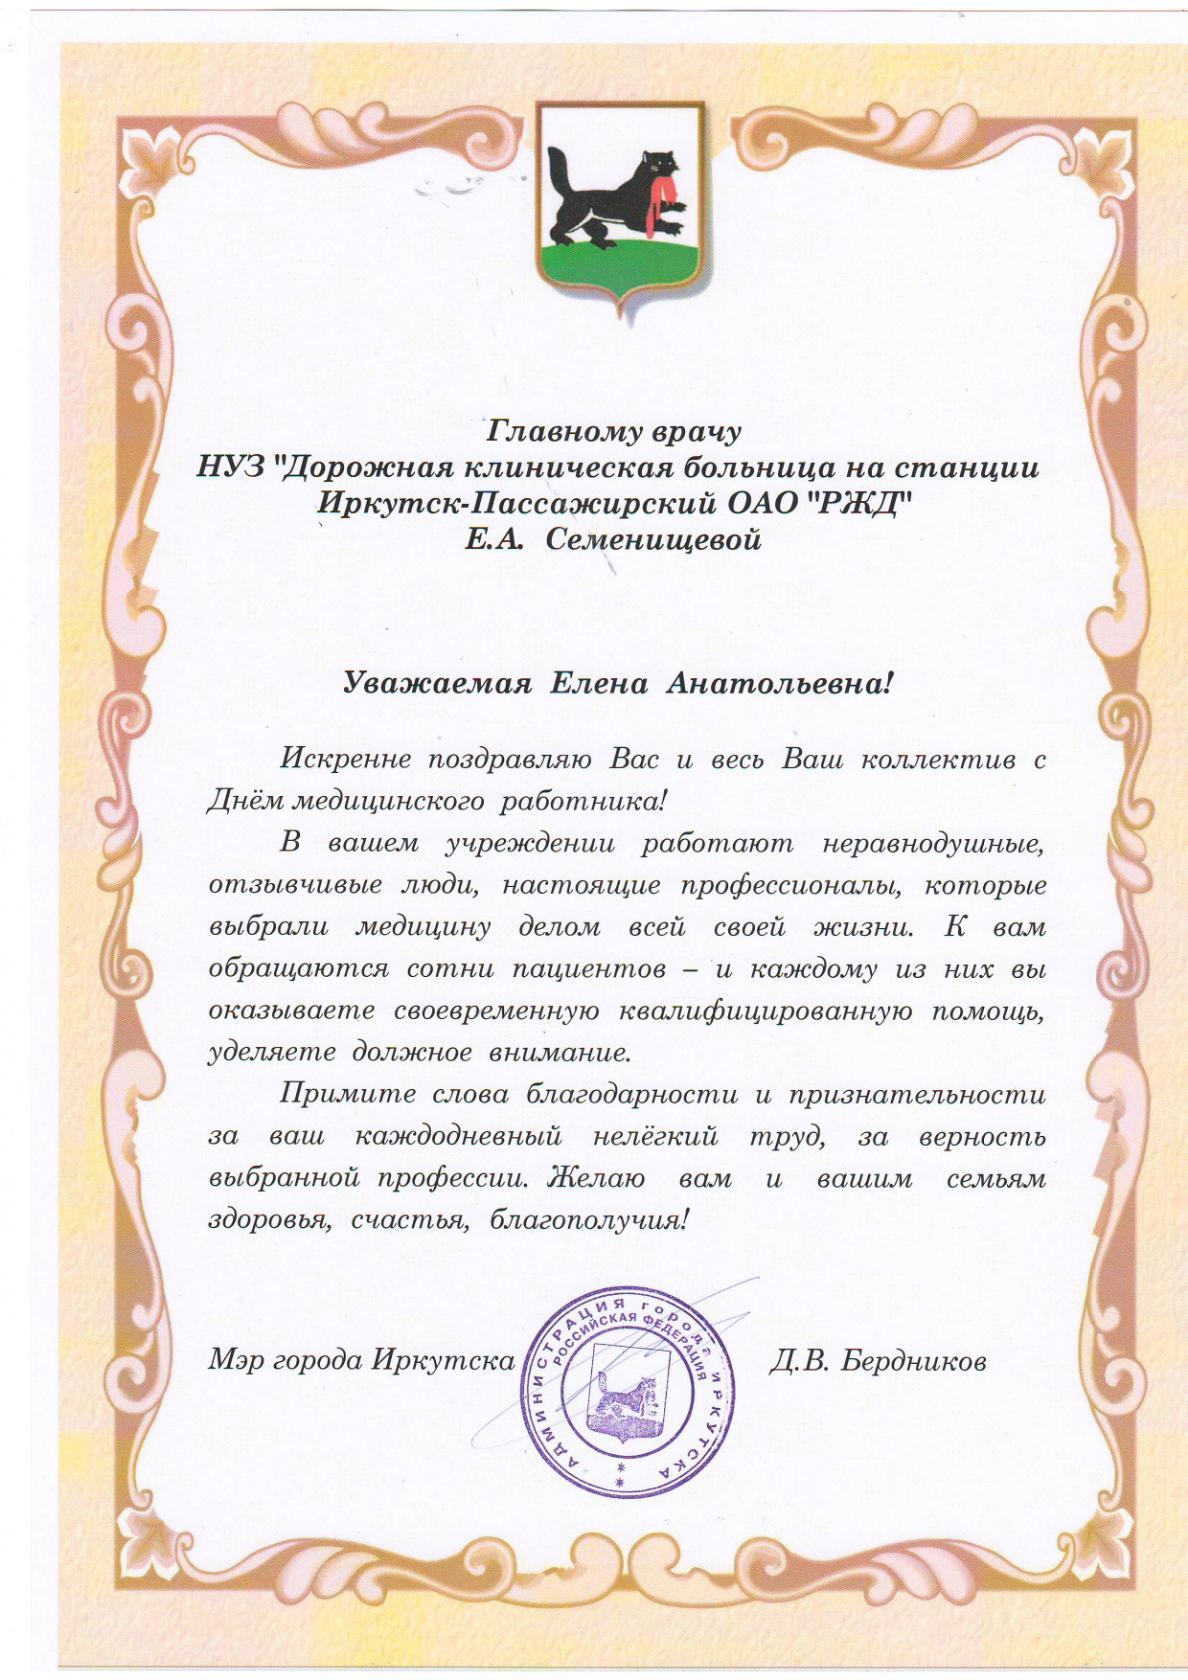 Поздравление главного врача на юбилее больницы